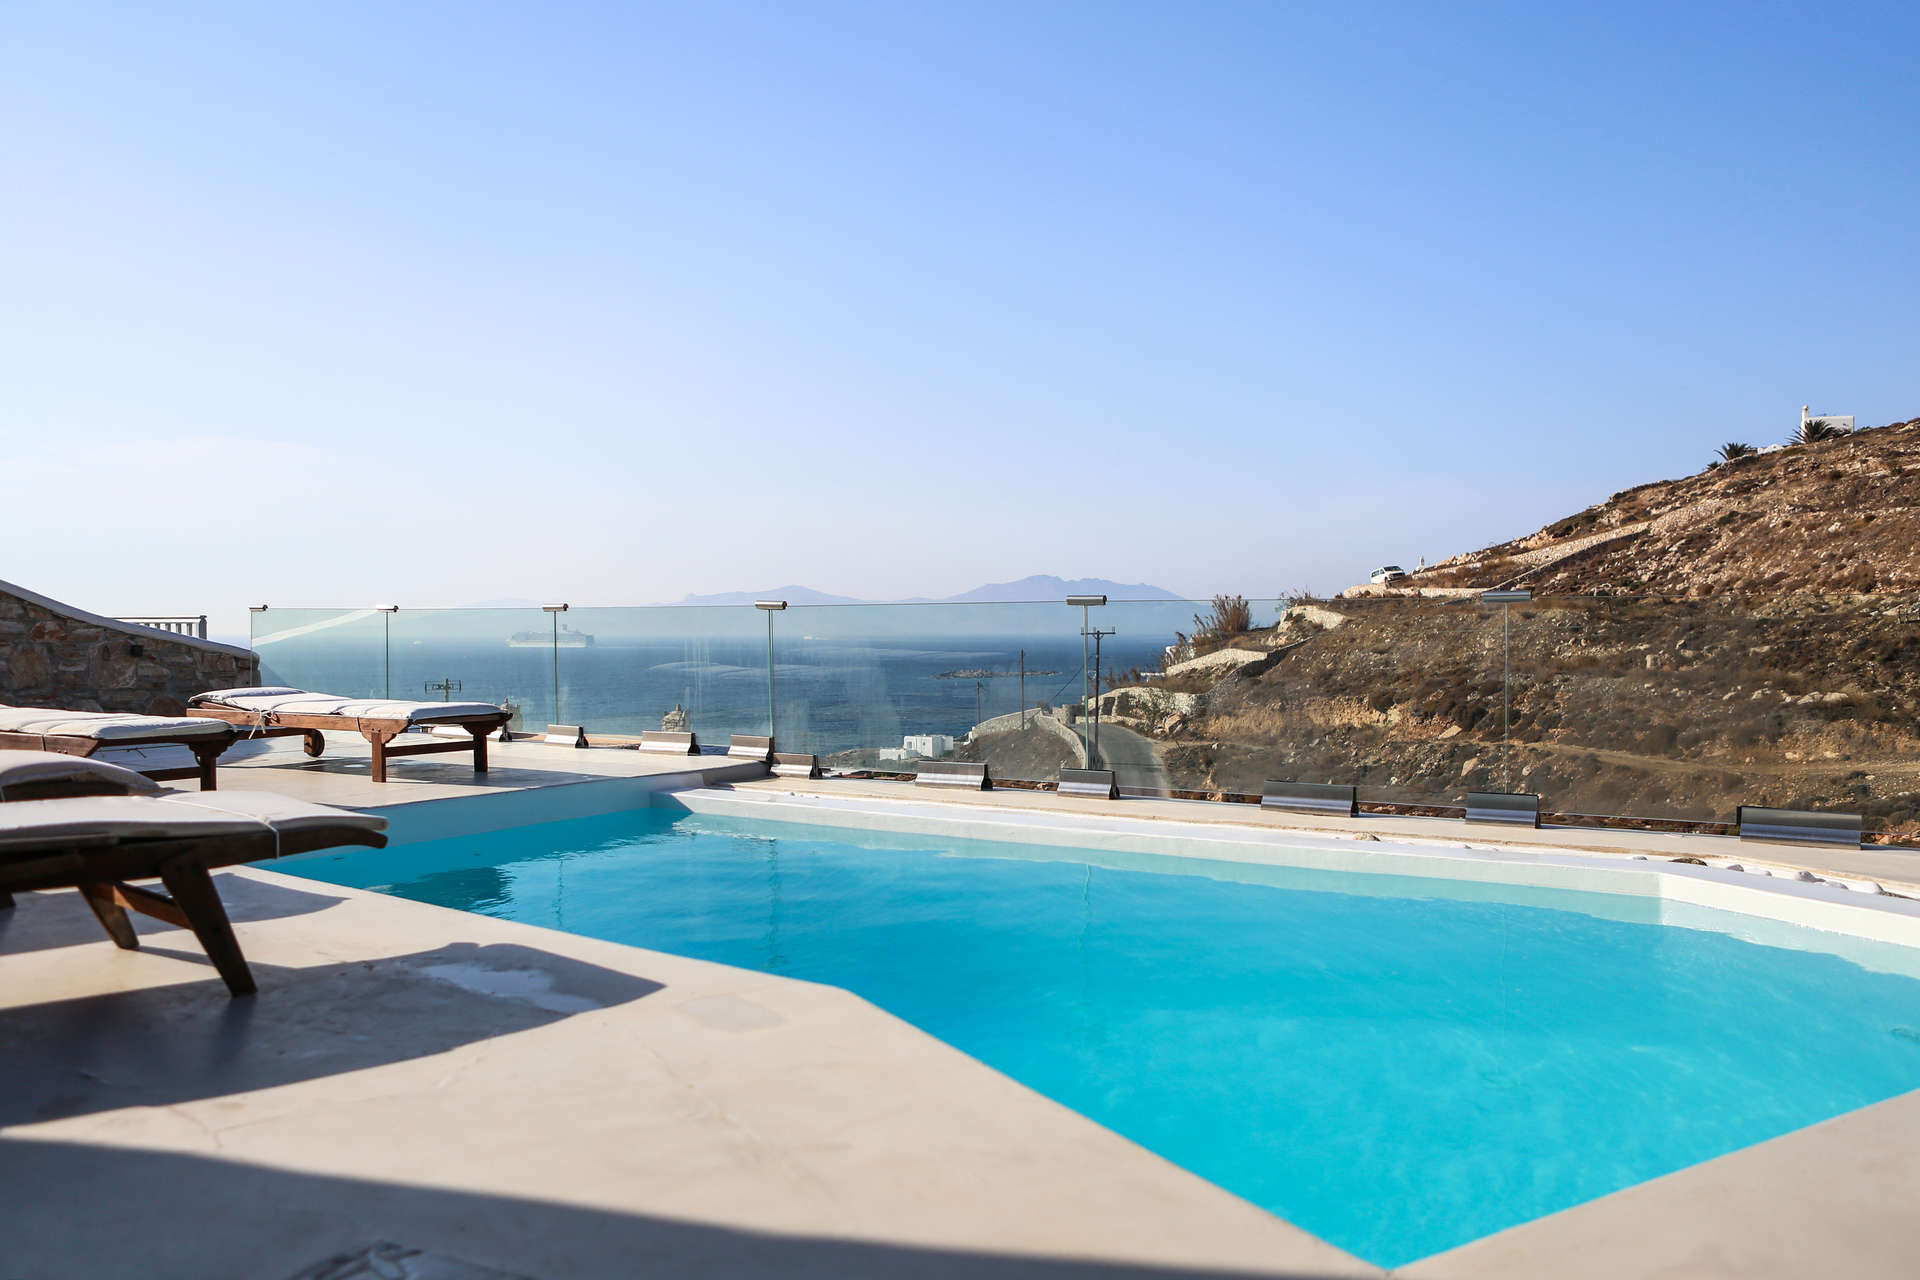 Luxury vacation rentals europe - Greece - Mykonos - Ornos - Villa Rea - Image 1/31